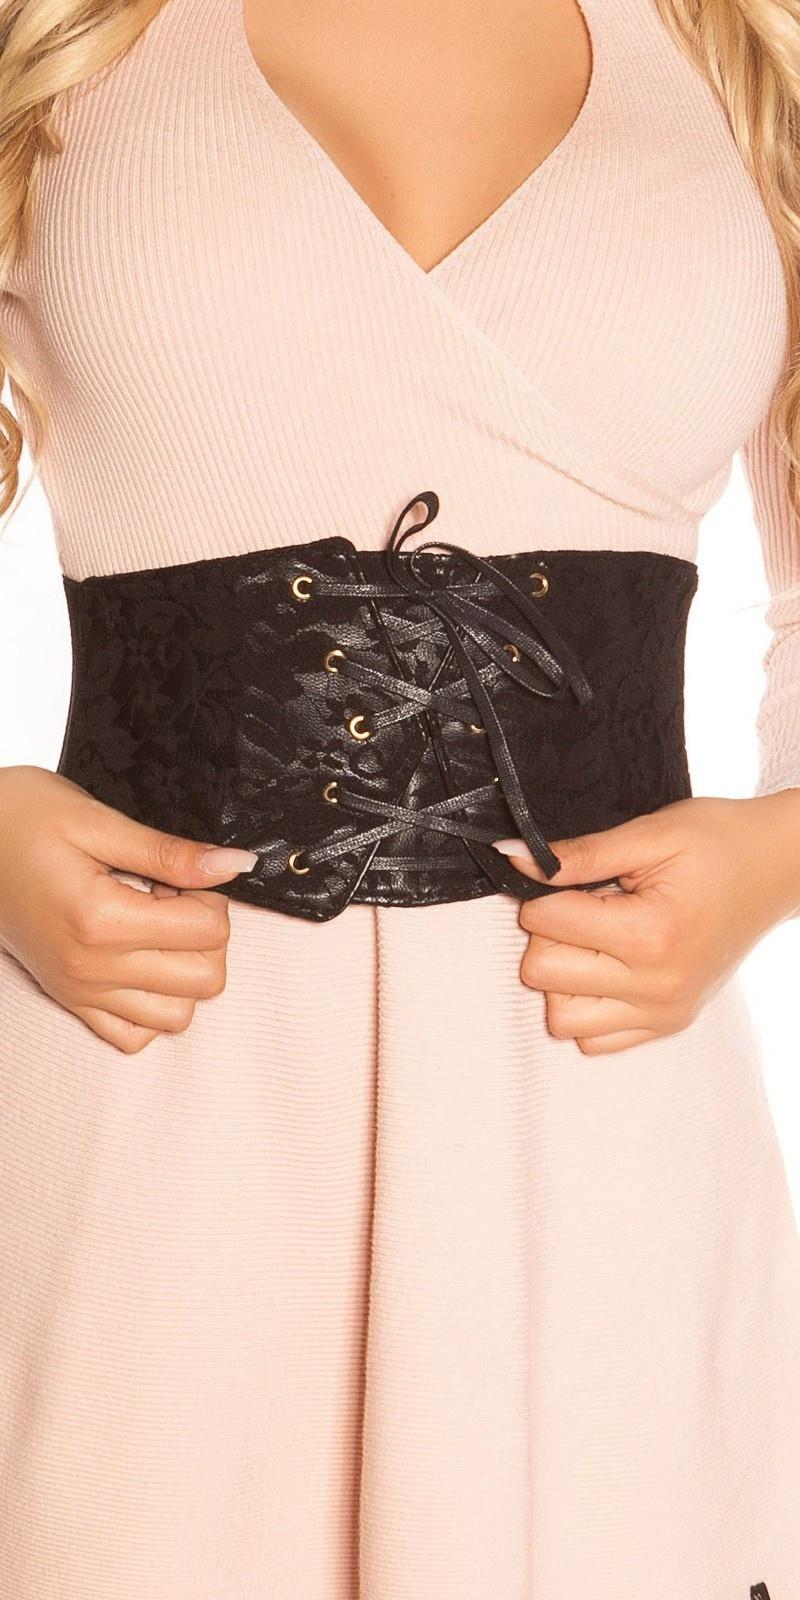 Sexy waist belt in corsage look Black